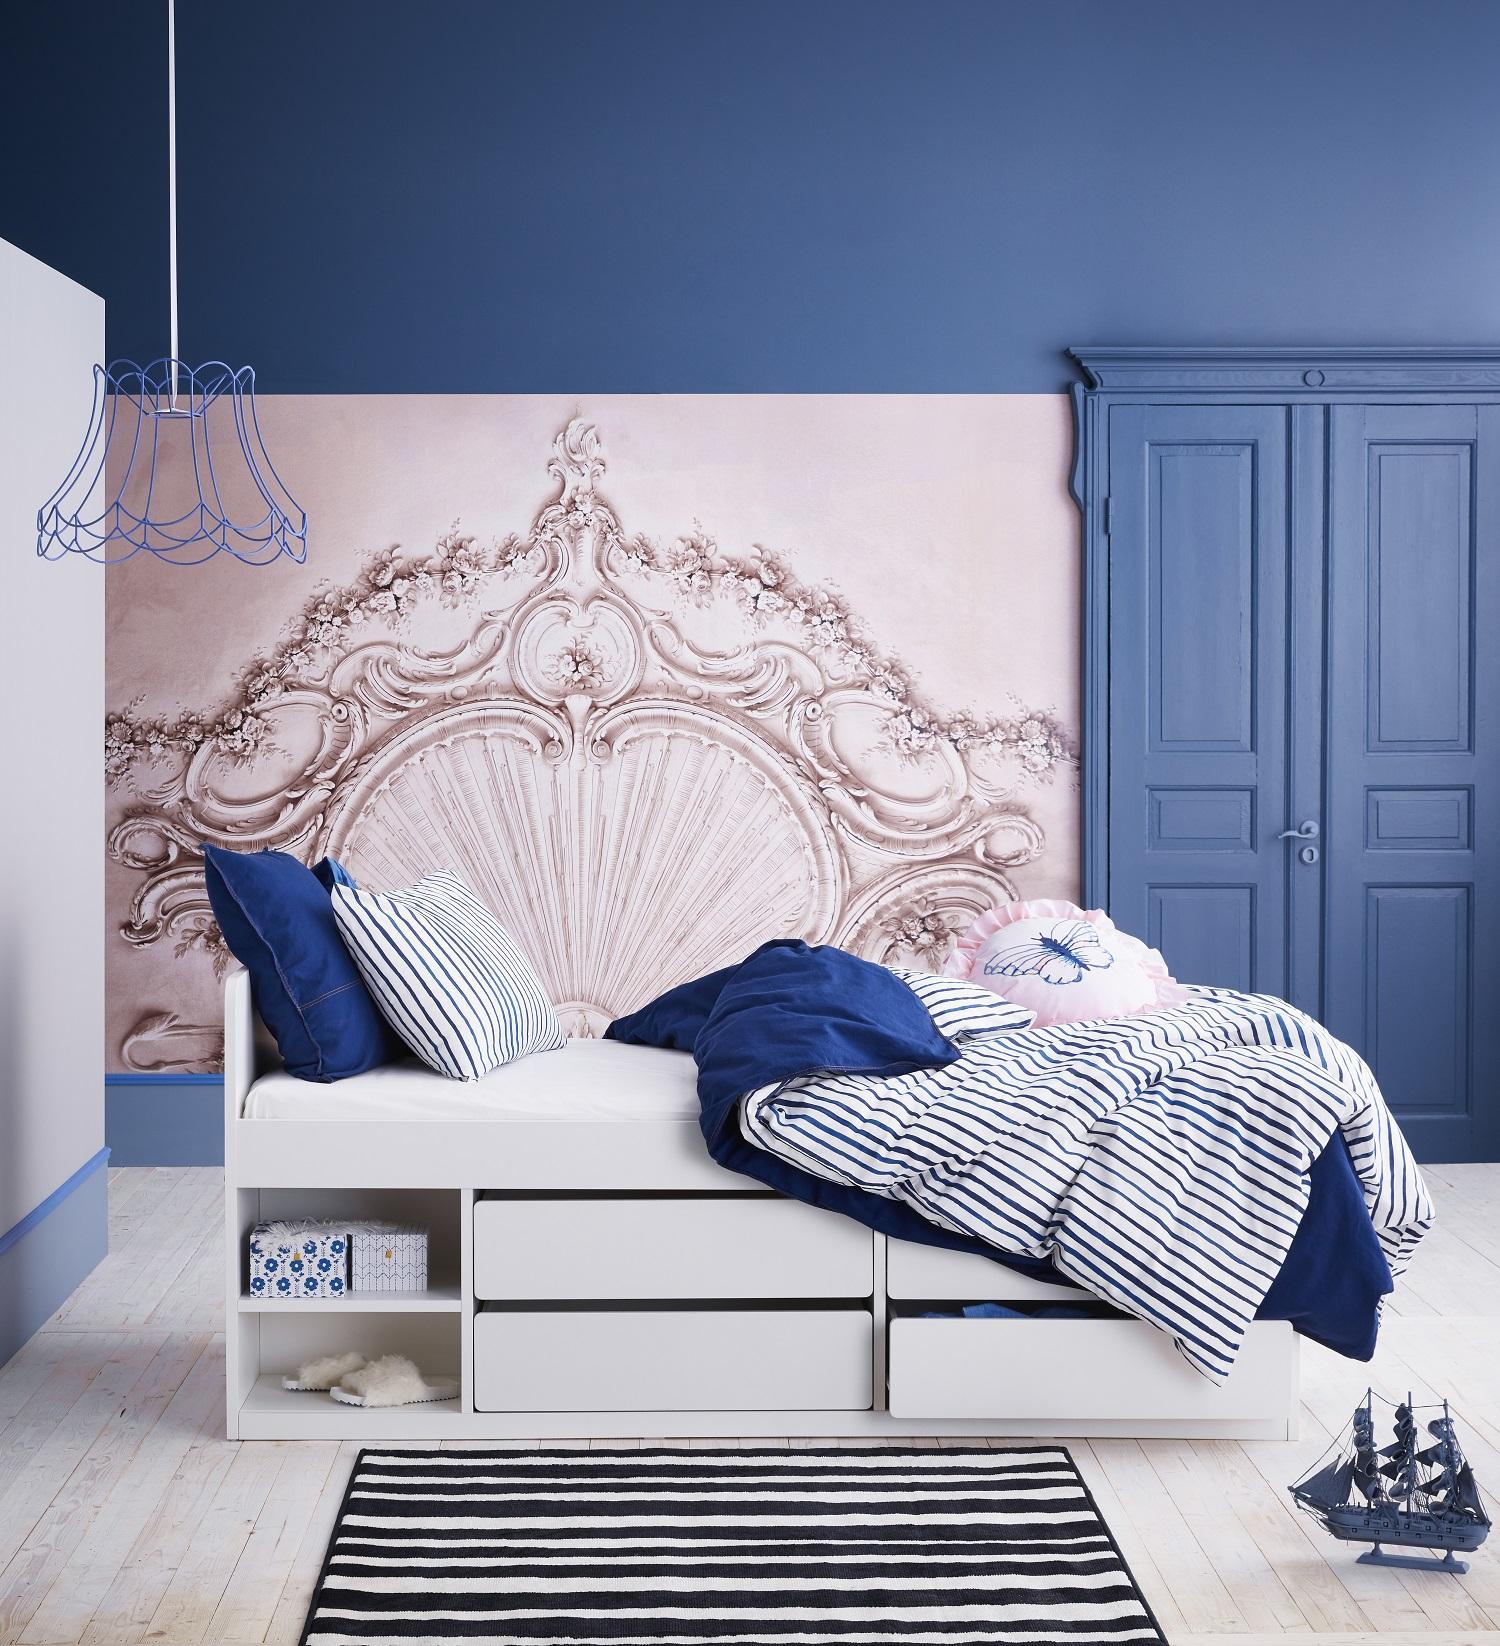 Crea La Tua Camera Ikea letto contenitore ikea [singolo e matrimoniale]: le novità